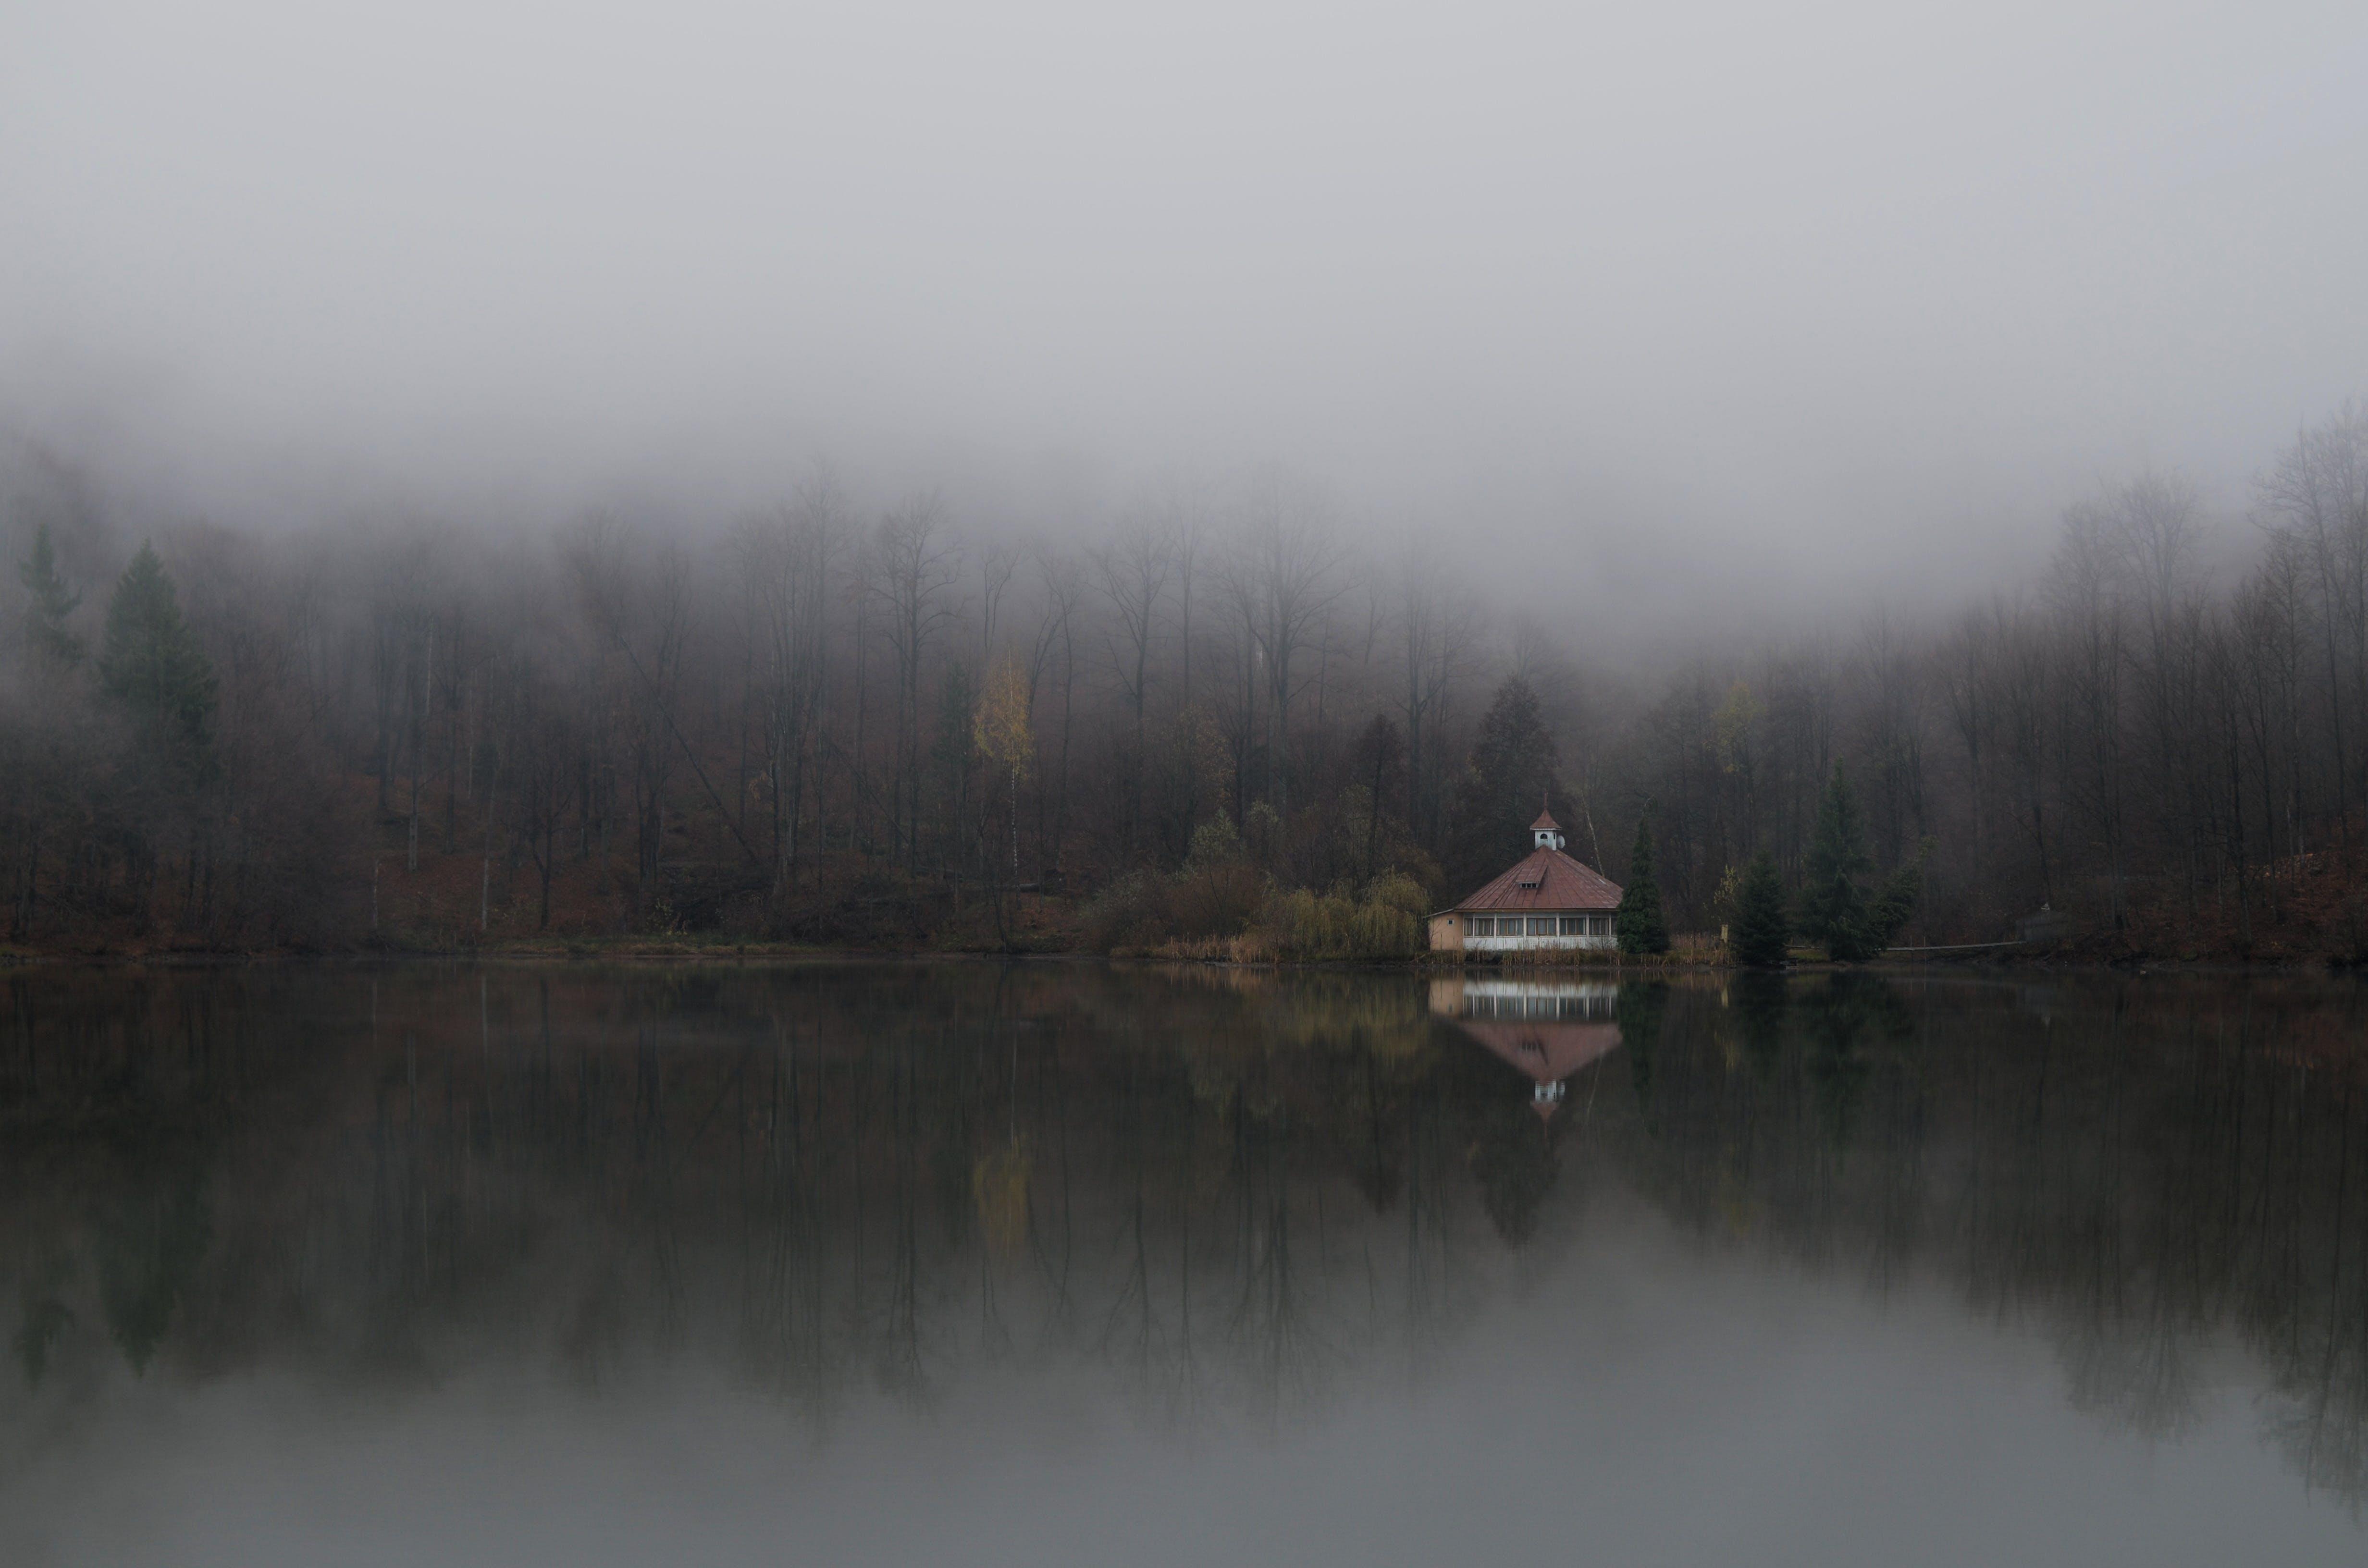 de cabana, enevoado, neblina, reflexão